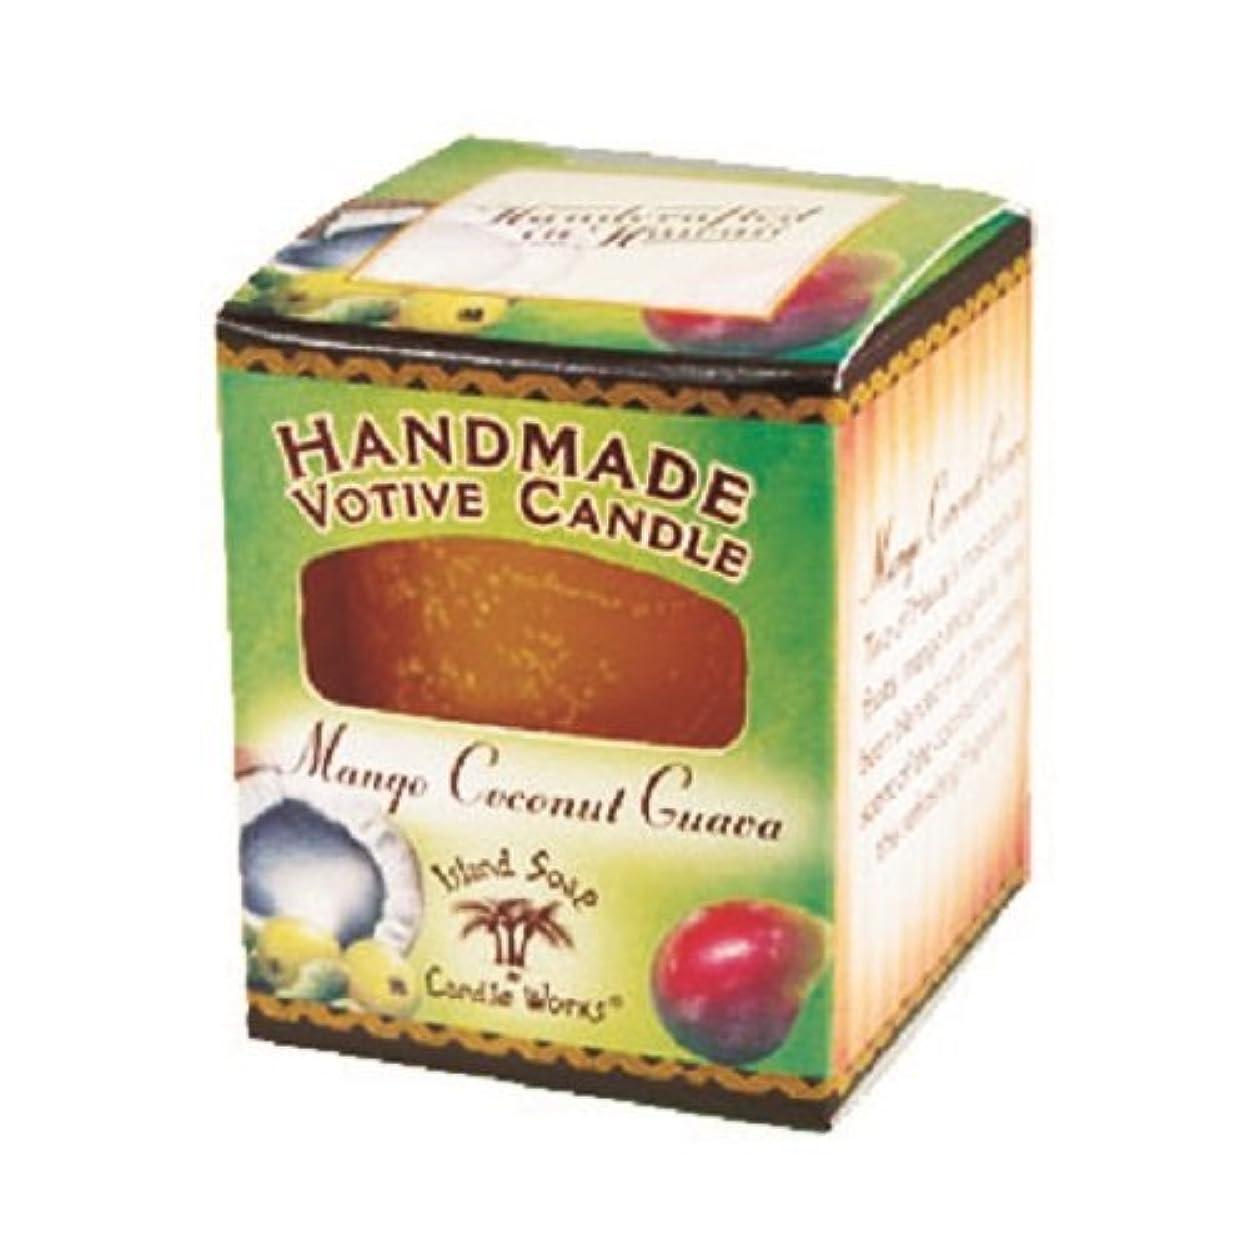 考案するご覧ください魔術師アイランドソープ ボーティブキャンドル マンゴココナッツ